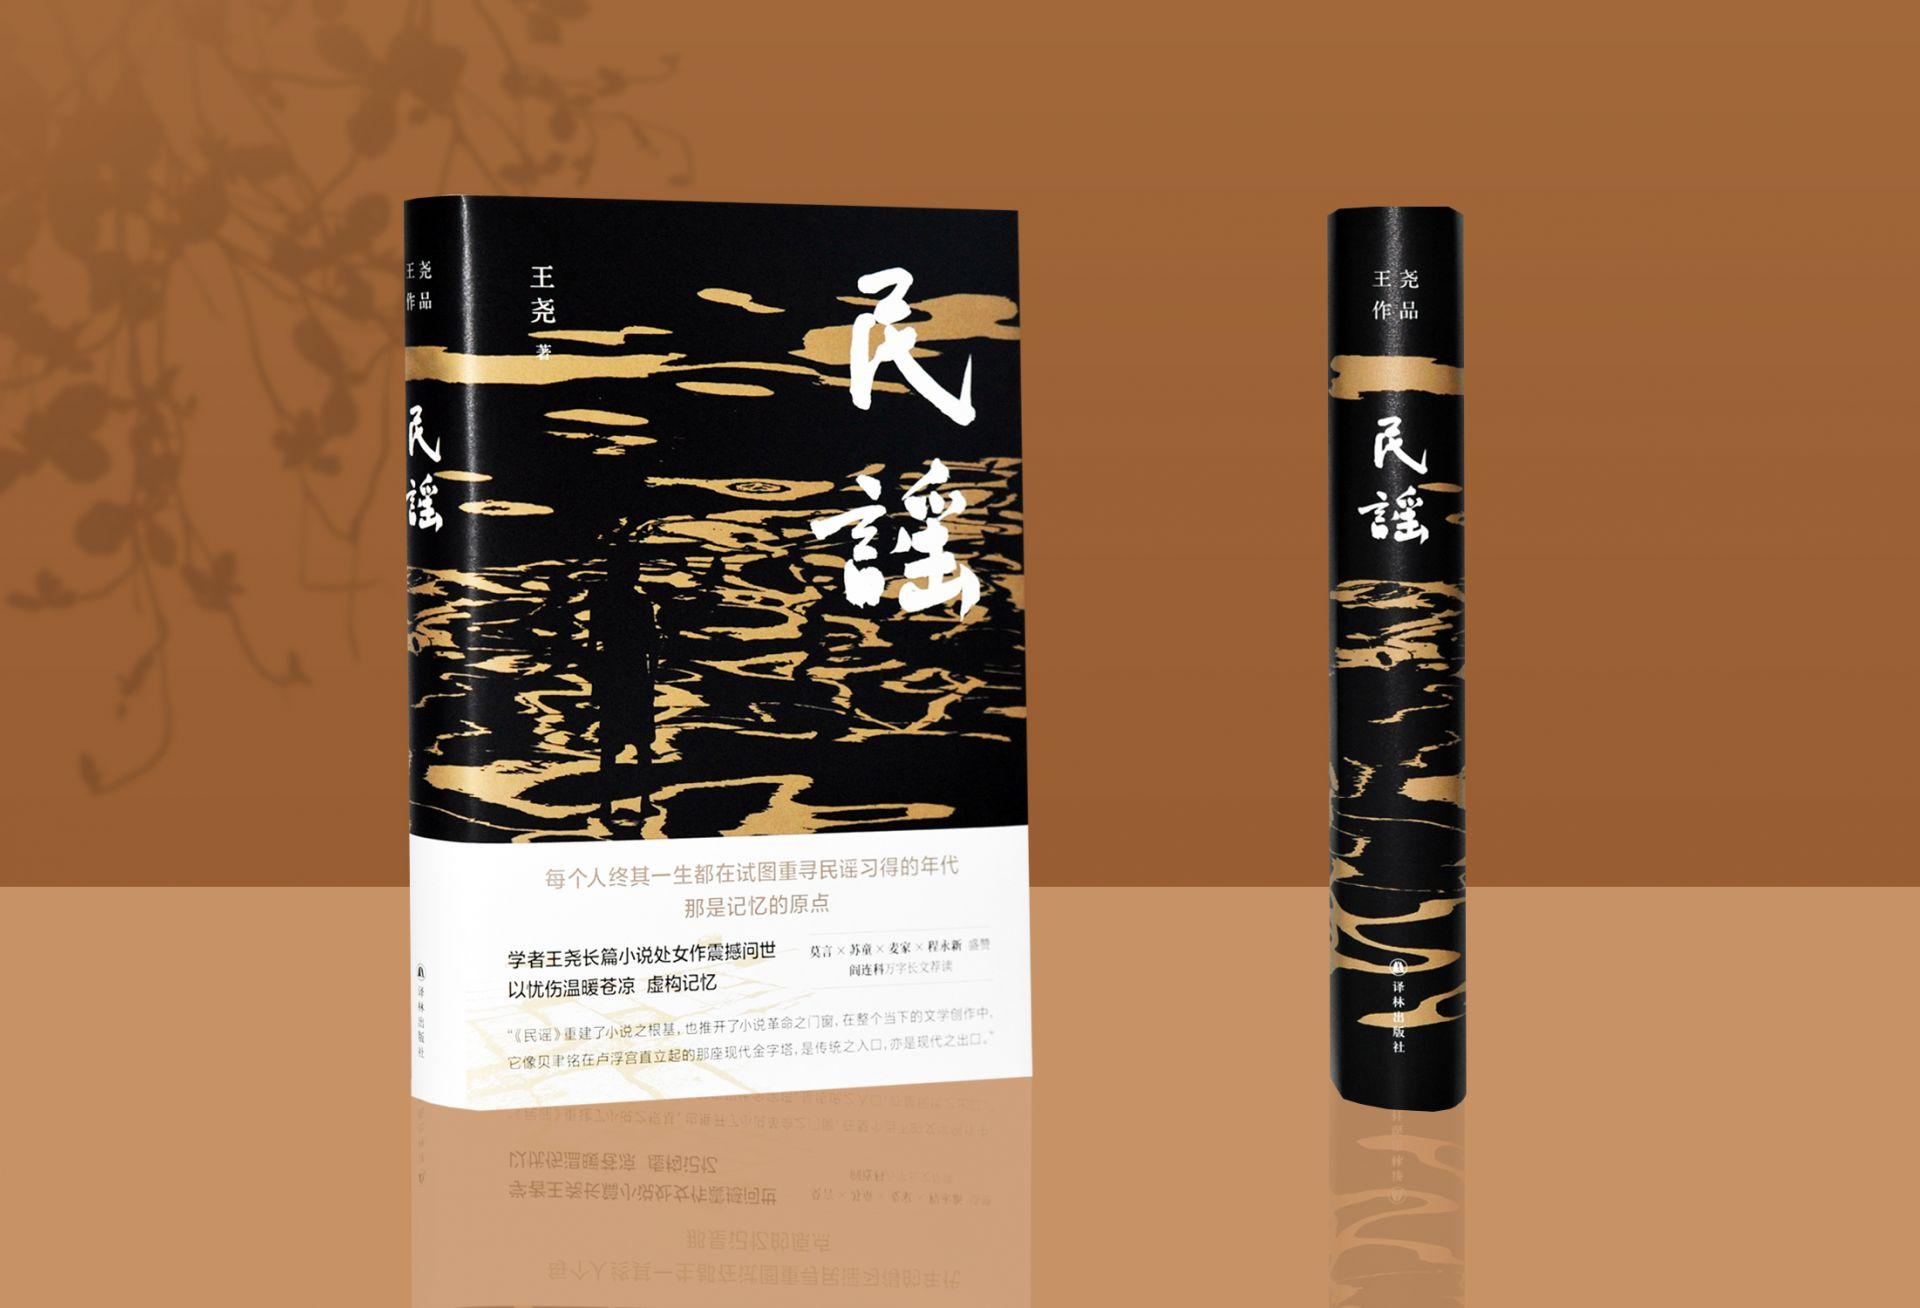 《民谣》上海首发  异质性小说中的乡村历史旋律